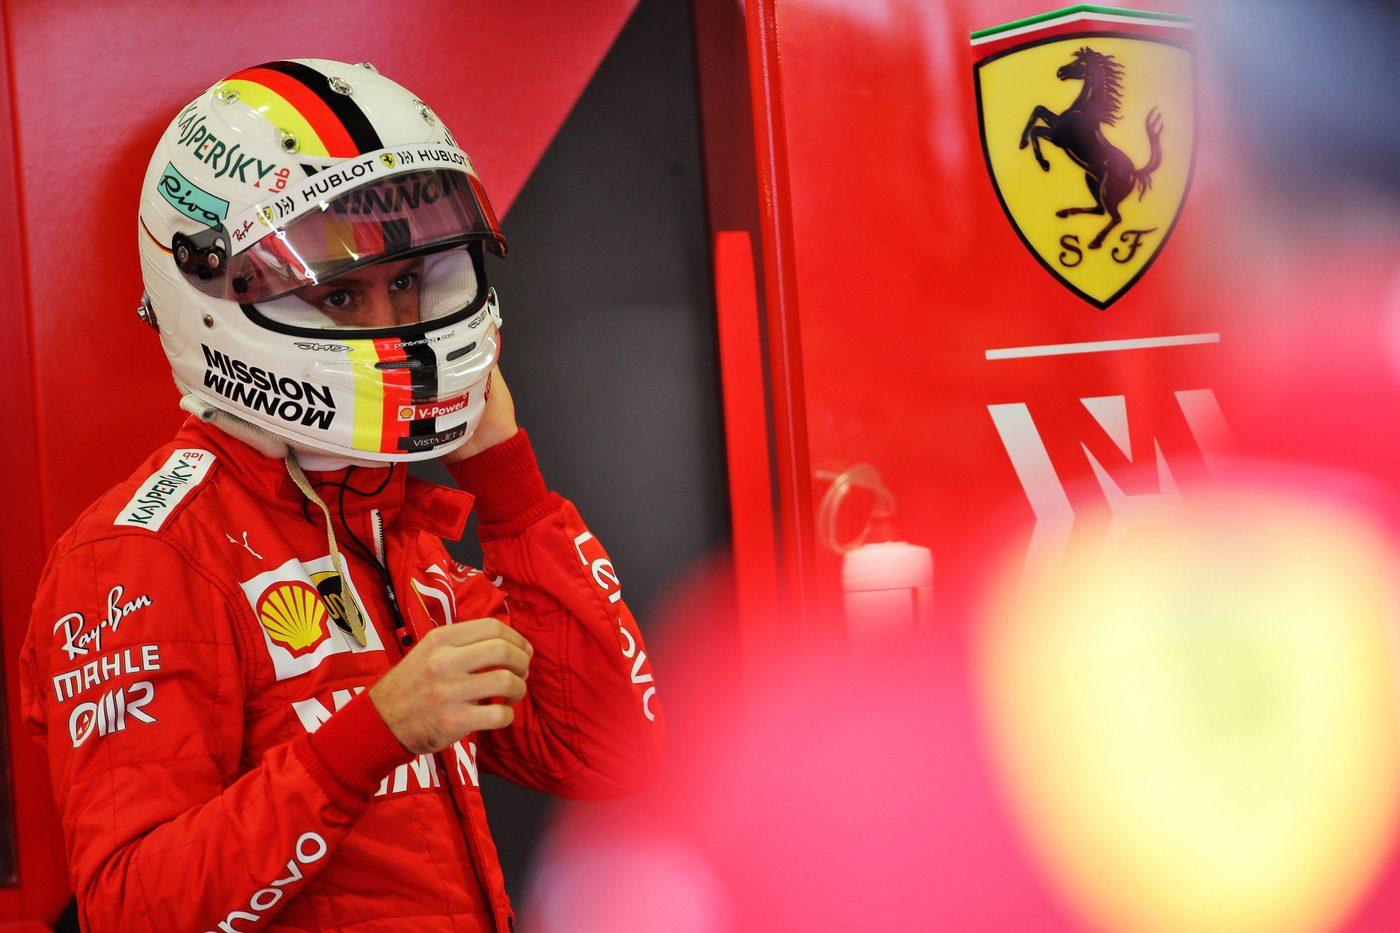 F1, Vettel: Fiducioso per la qualifica, possiamo migliorare molto